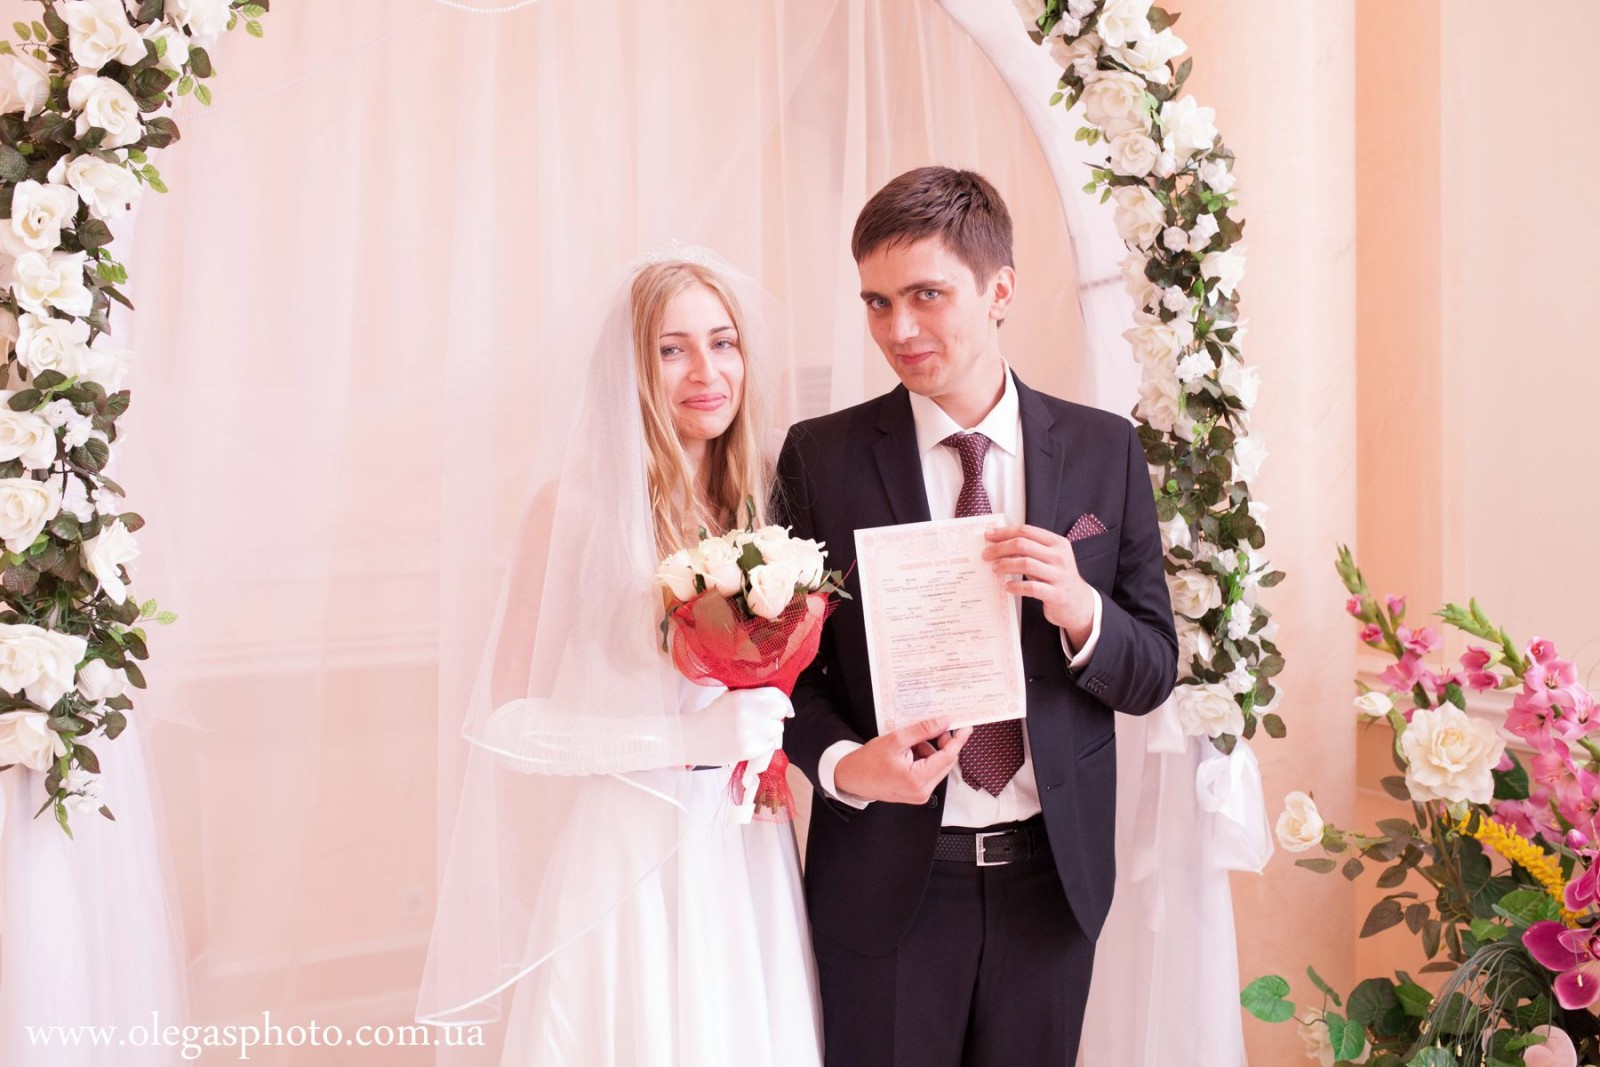 Профессиональные свадебные фотографии в загсе